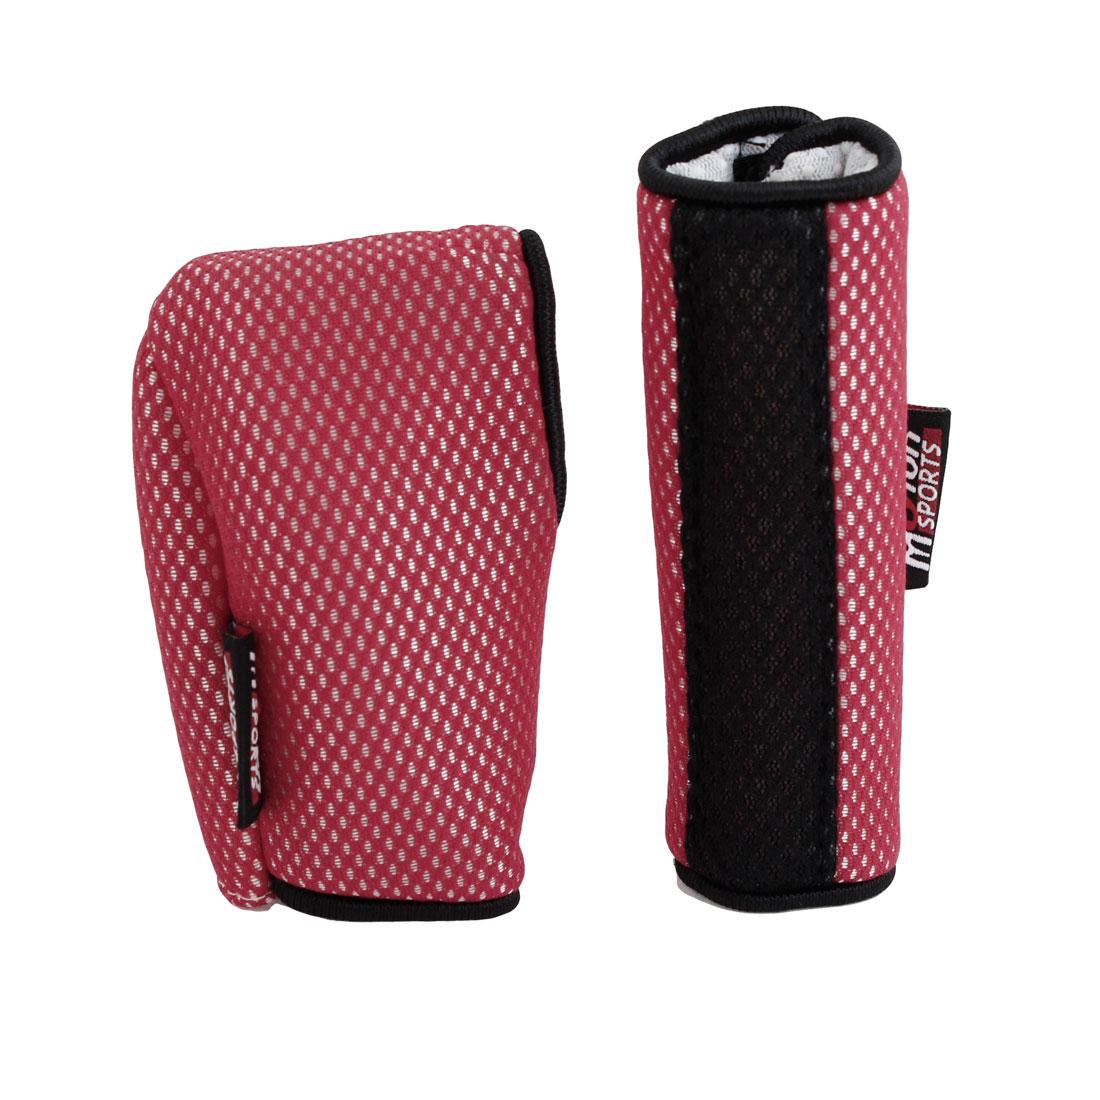 2pcs Hook Loop Fastener Car Gear Shift Knob Handbrake Cover Sleeve Red